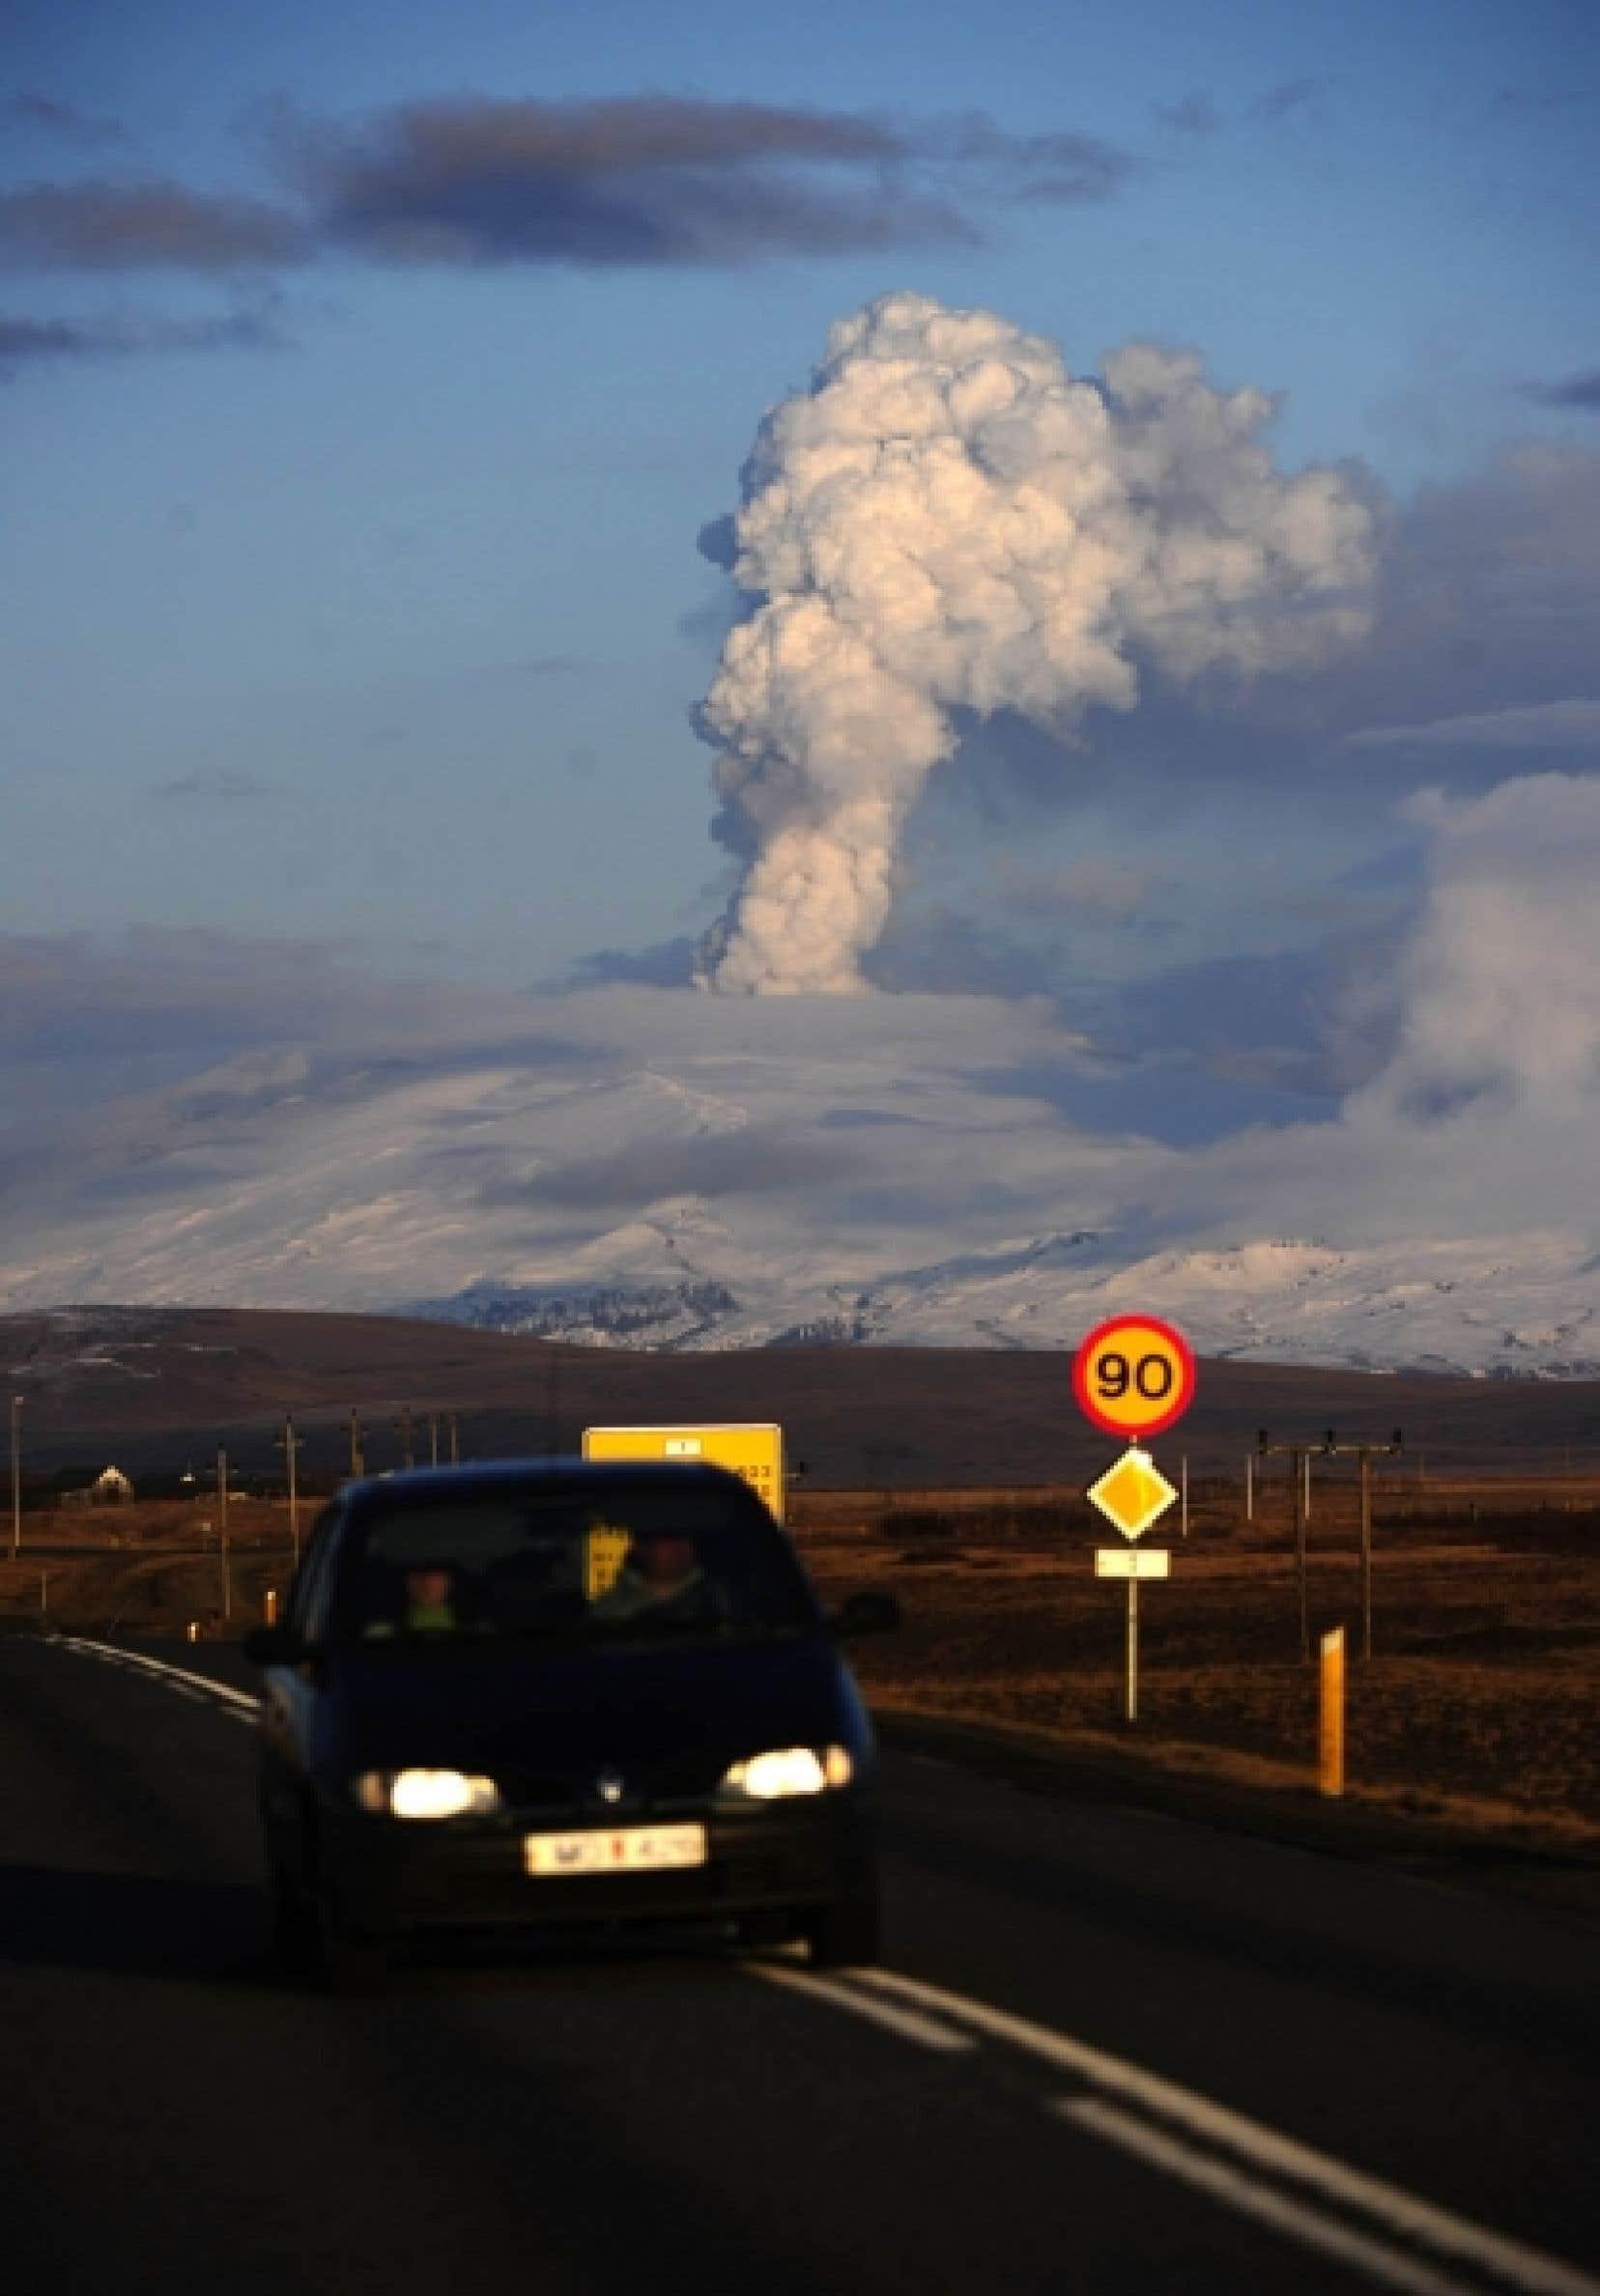 Le nombre de vols annulés à cause du nuage de cendres islandais a été plus important que dans les trois jours qui ont suivi le 11 septembre 2001.